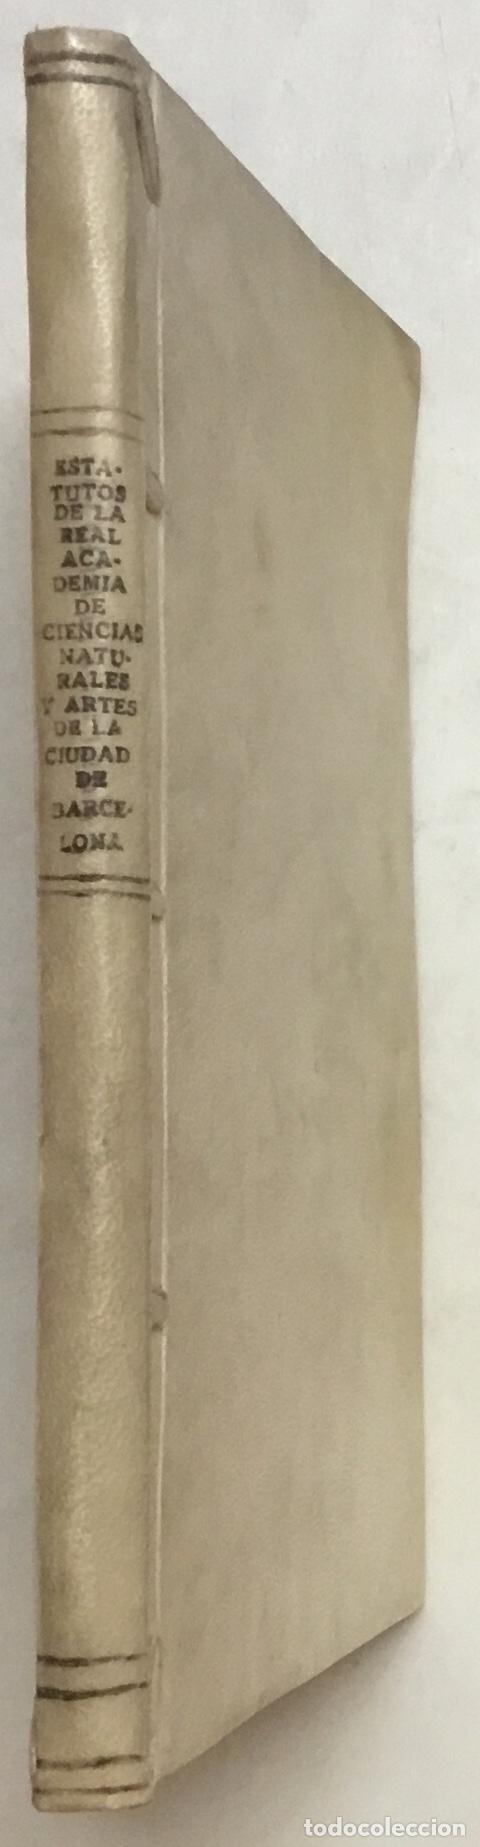 Libros antiguos: ESTATUTOS DE LA REAL ACADEMIA DE CIENCIAS NATURALES, Y ARTES DE LA CIUDAD DE BARCELONA. - Foto 4 - 123143840